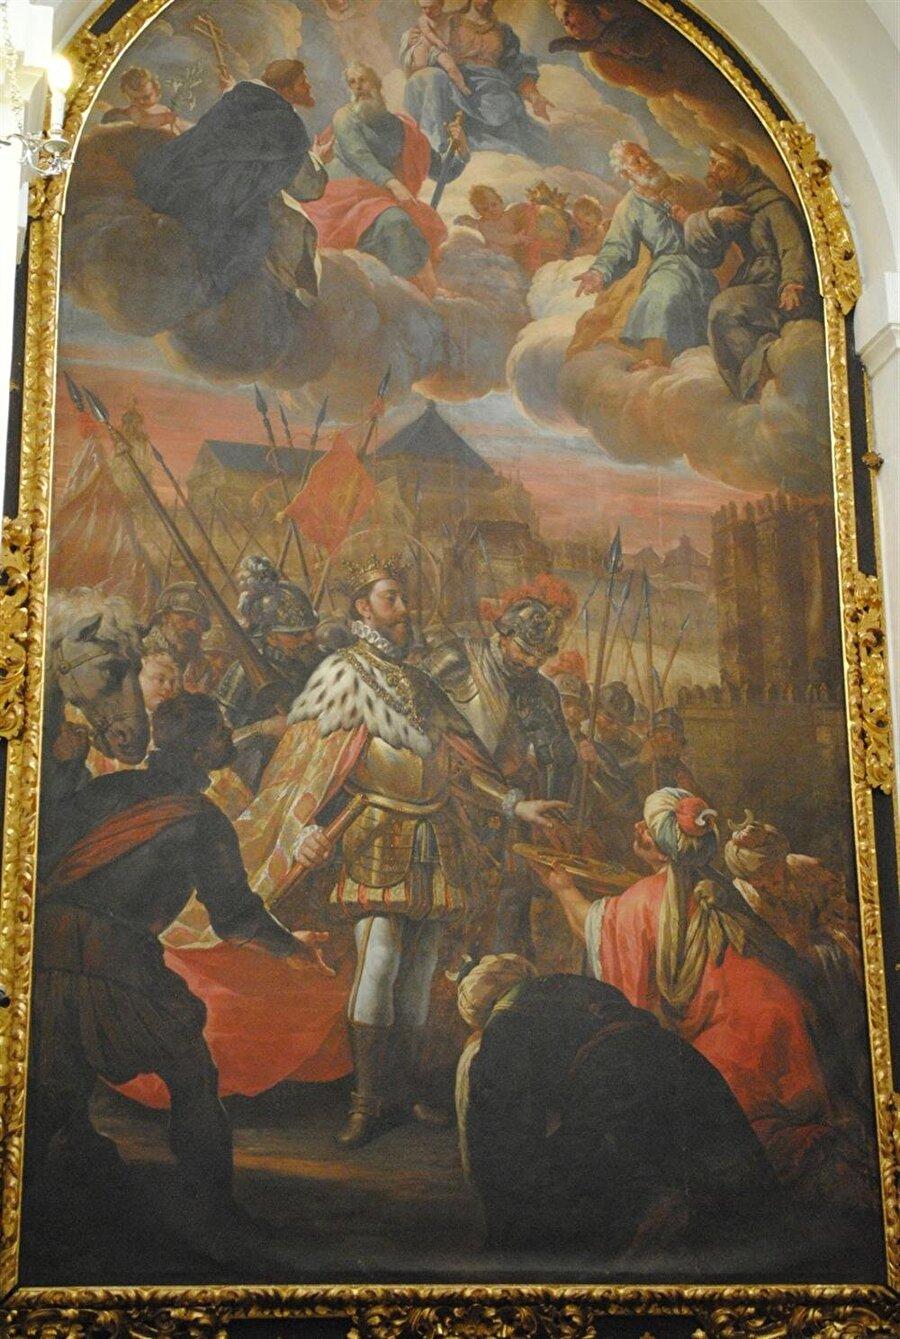 Tabloda, şehrin anahtarlarının Emeviler tarafından Aragon prensi Ferdinand'a teslim edildiği görülüyor.